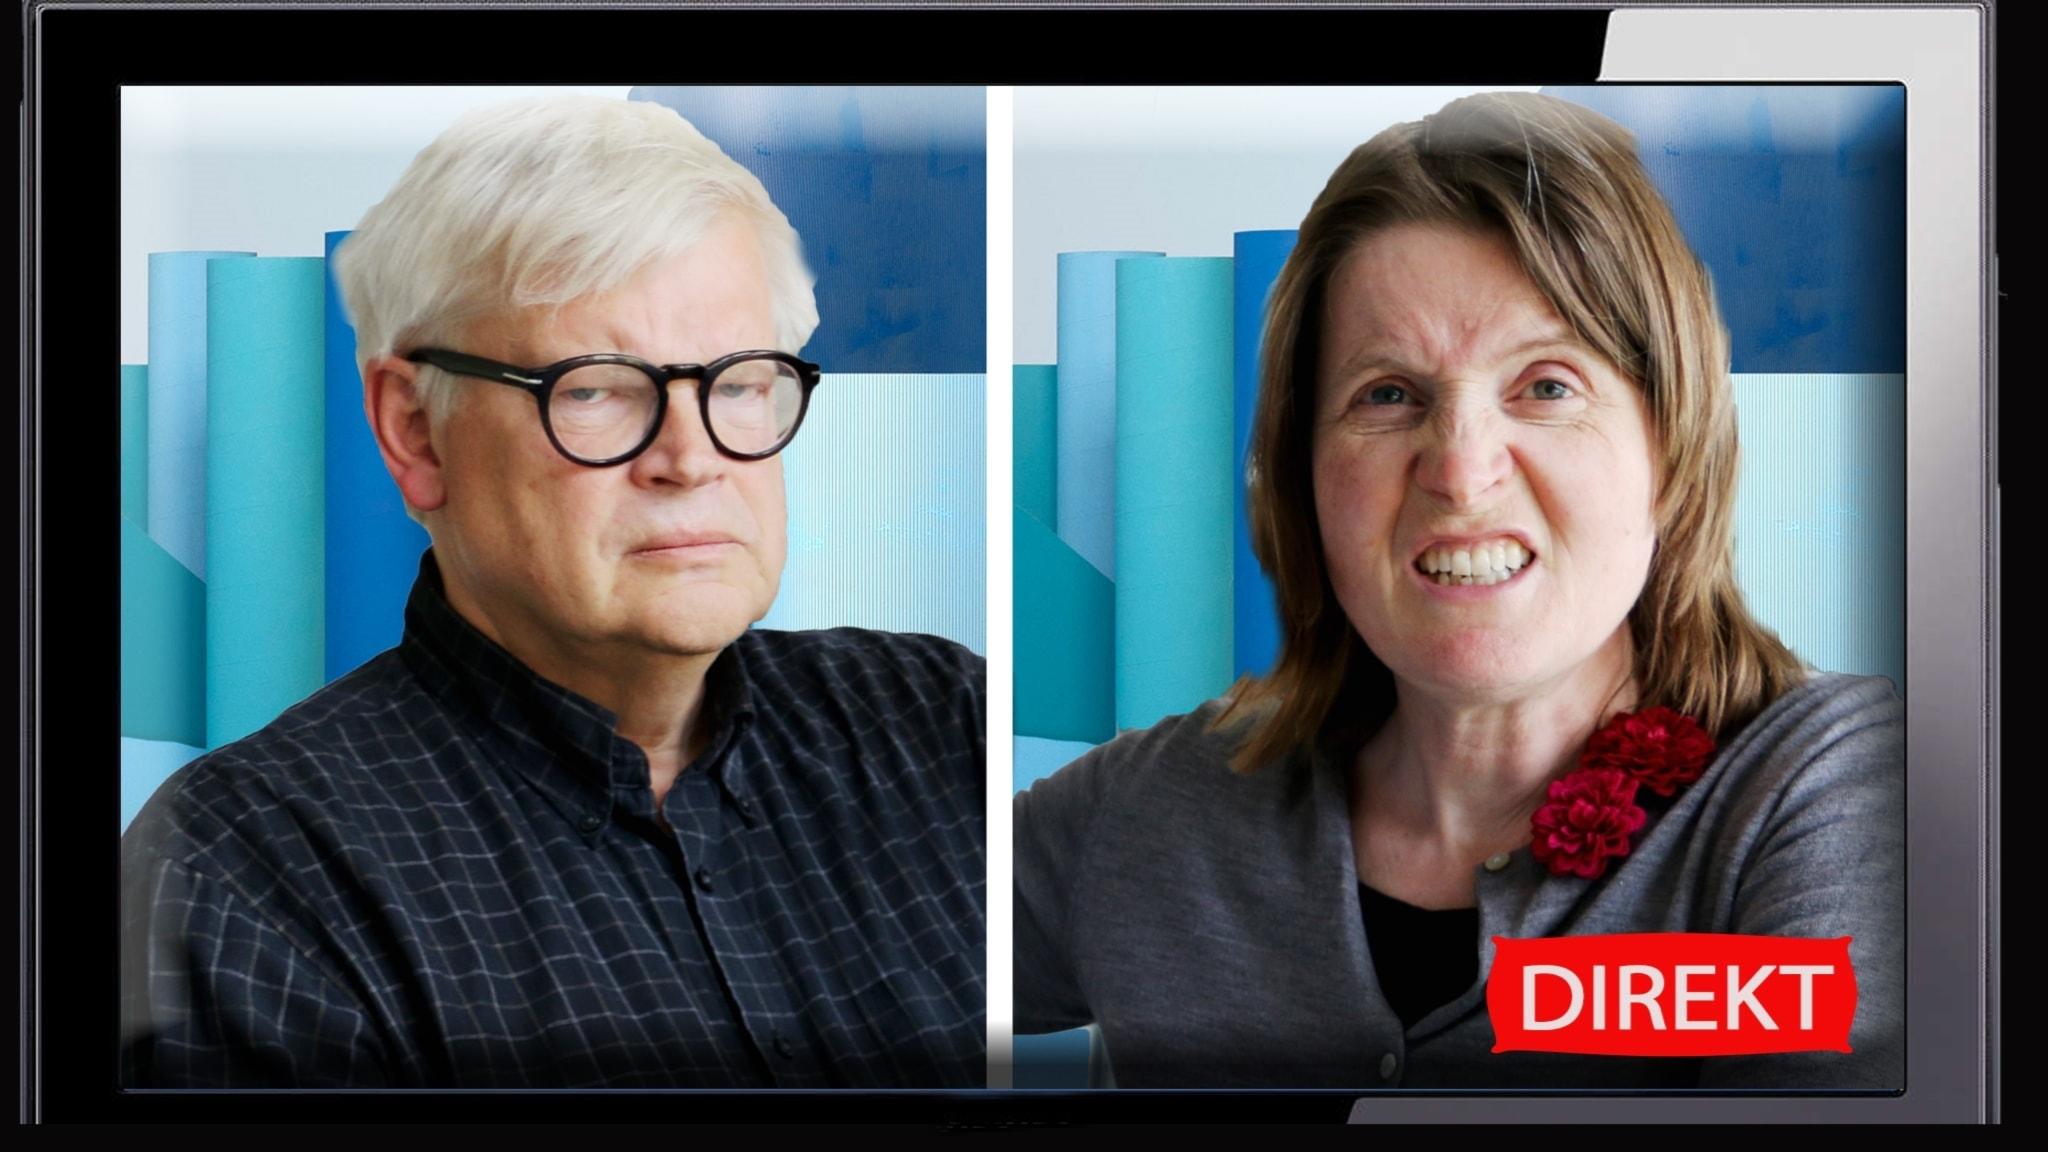 Thomas Nordegren och Louise Epstein i ett bildmontage som illustrerar nattens debatt mellan Hillary Clinton och Donald Trump.